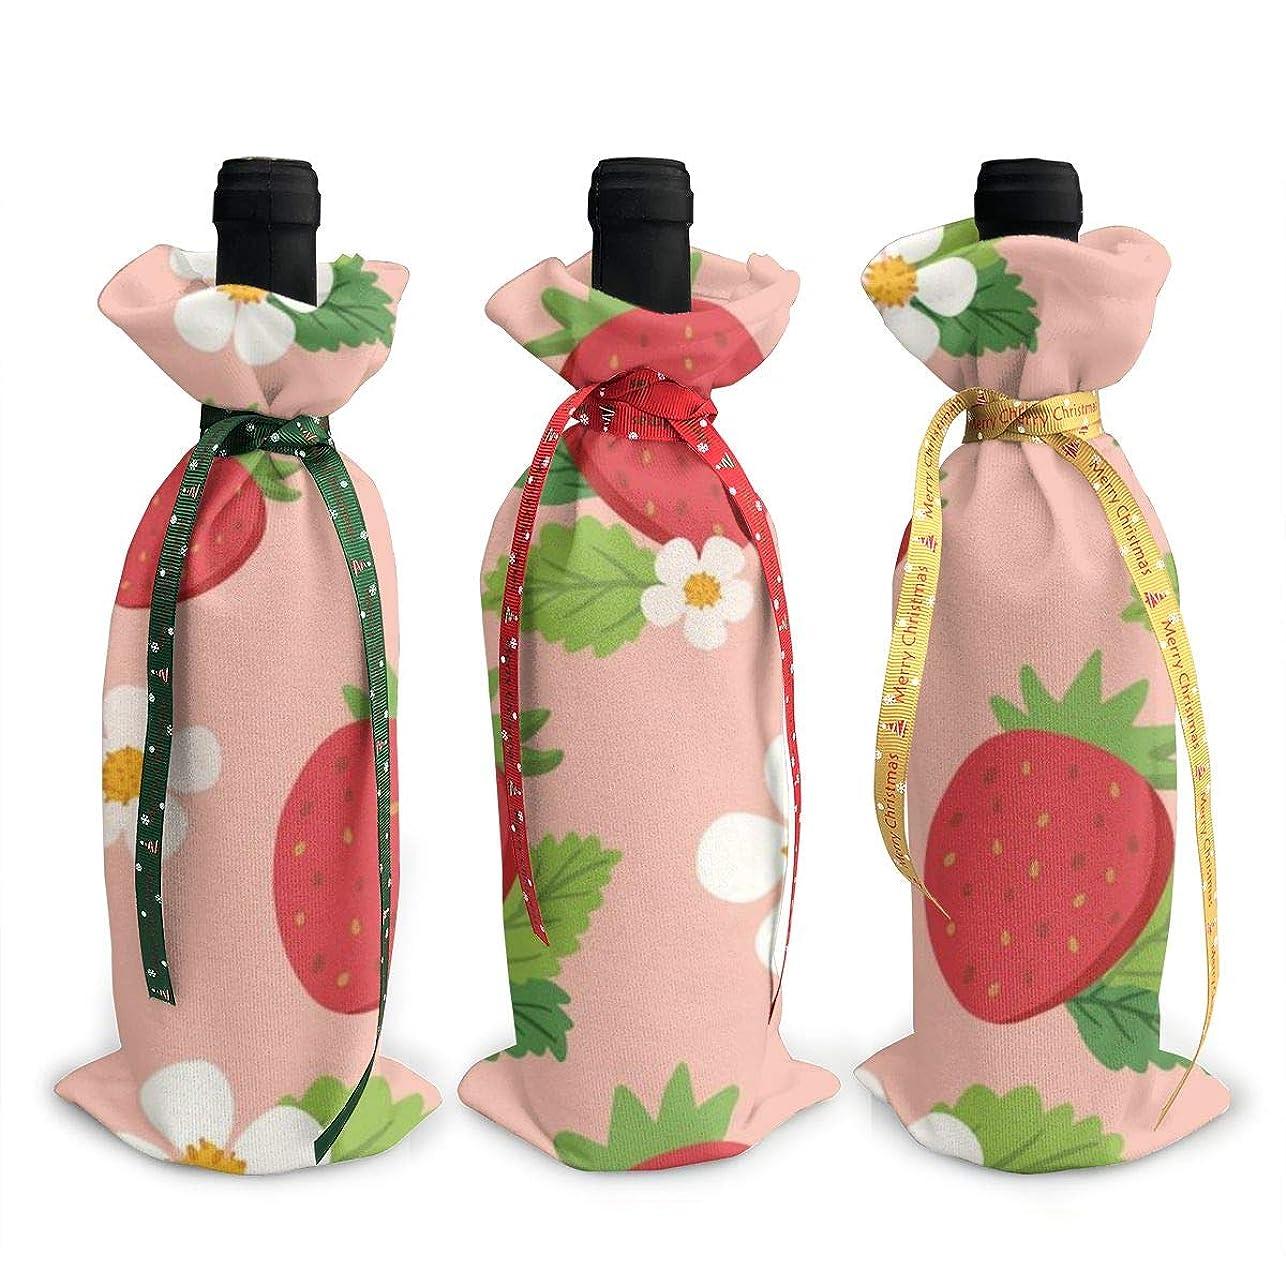 手配する選ぶスリーブワインバッグ クリスマスボトルカバー シャンパンワインボトル3本用 イチゴ柄 花 ピンク? ワイン収納 ボトル装飾 ギフトバッグ ギフトパッケージ クリスマスデコレーショ ワインボトルワインバッグ ギフトバッグ シャンパンプロップ クリスマス用品 ディナーテーブル デコレーションク